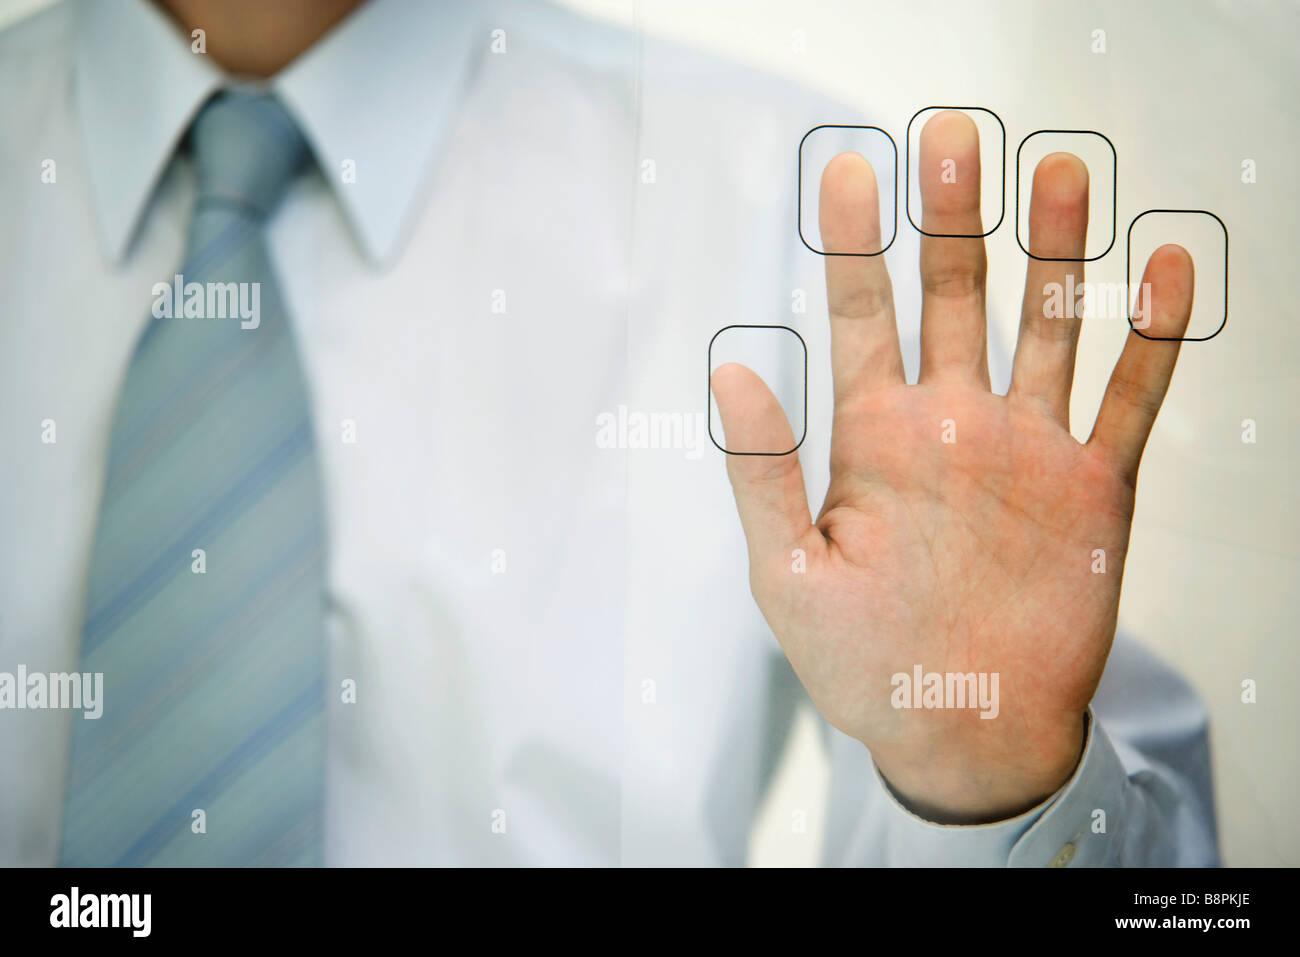 Man pressing fingertips to fingerprint reader - Stock Image